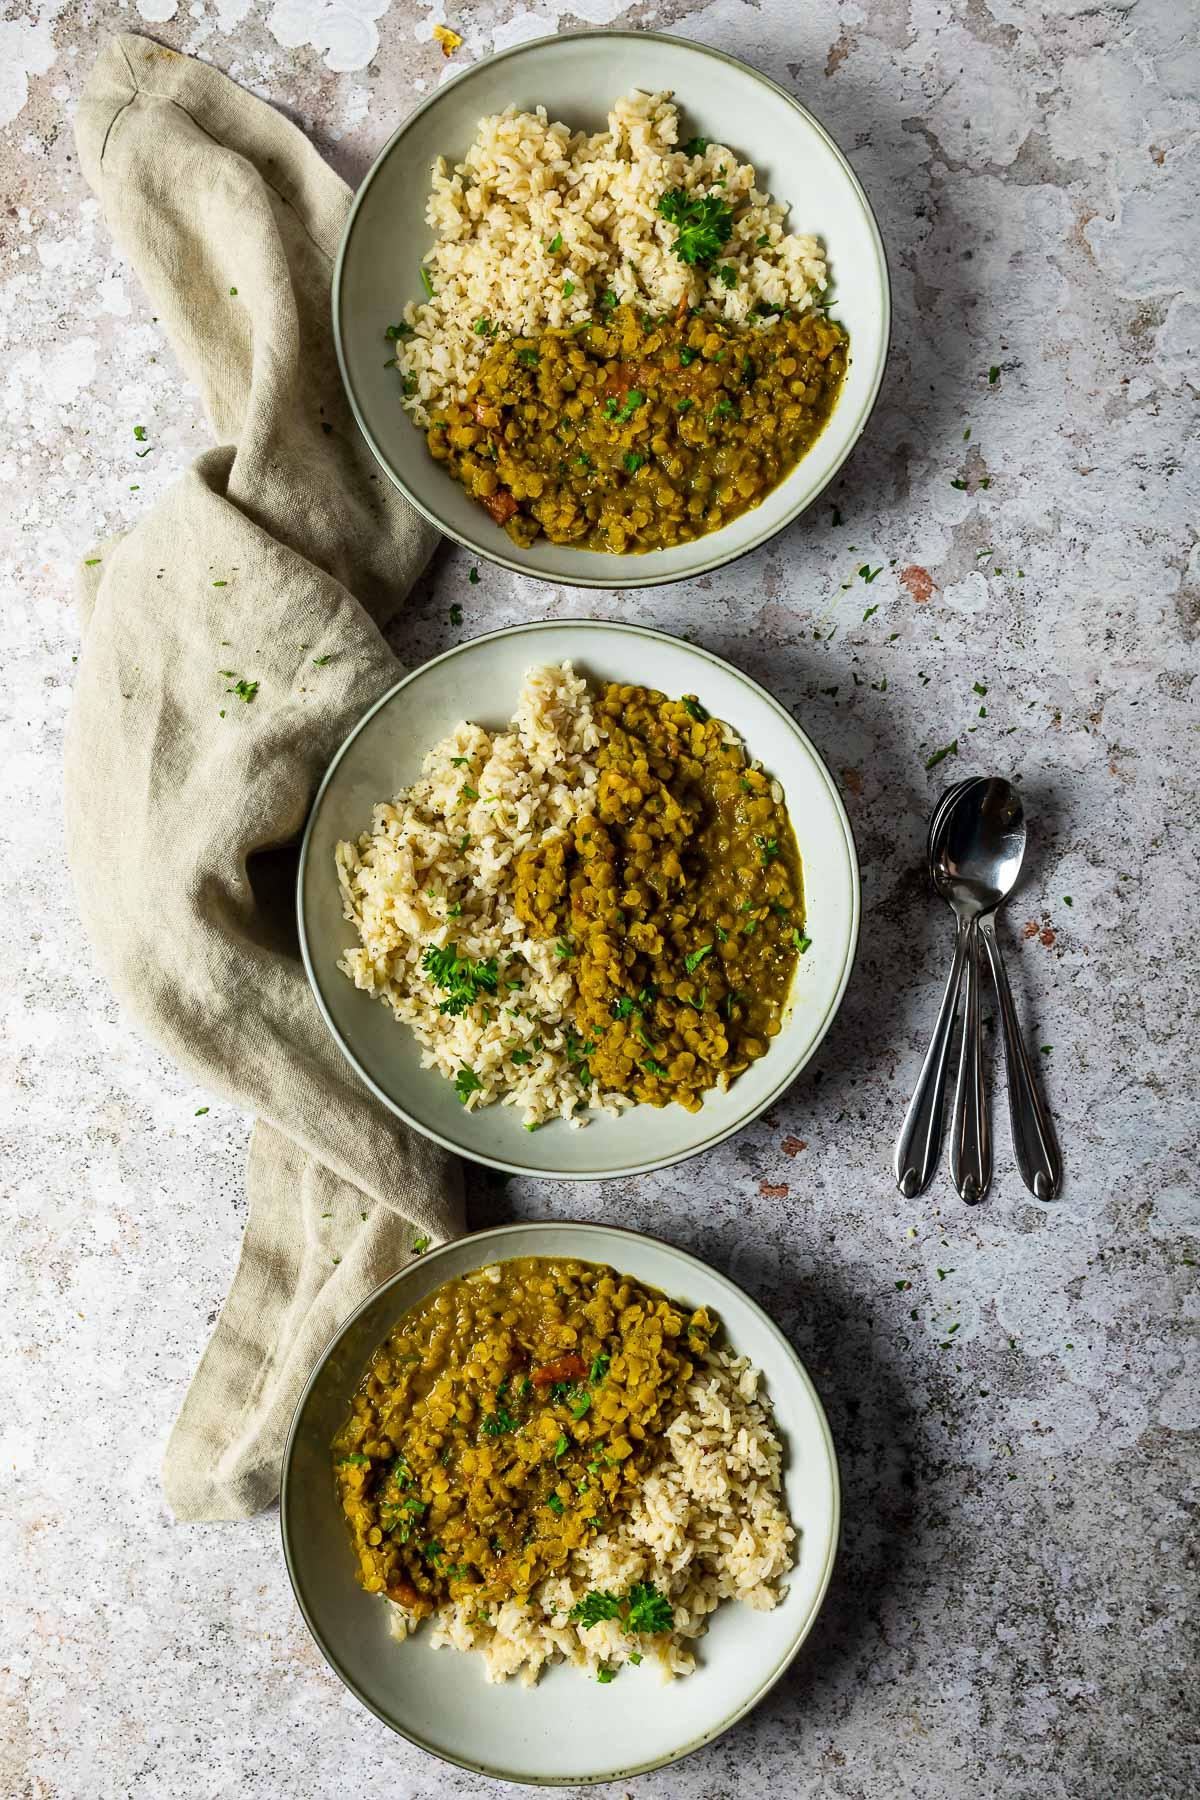 3 Bowls of vegan red lentil dal